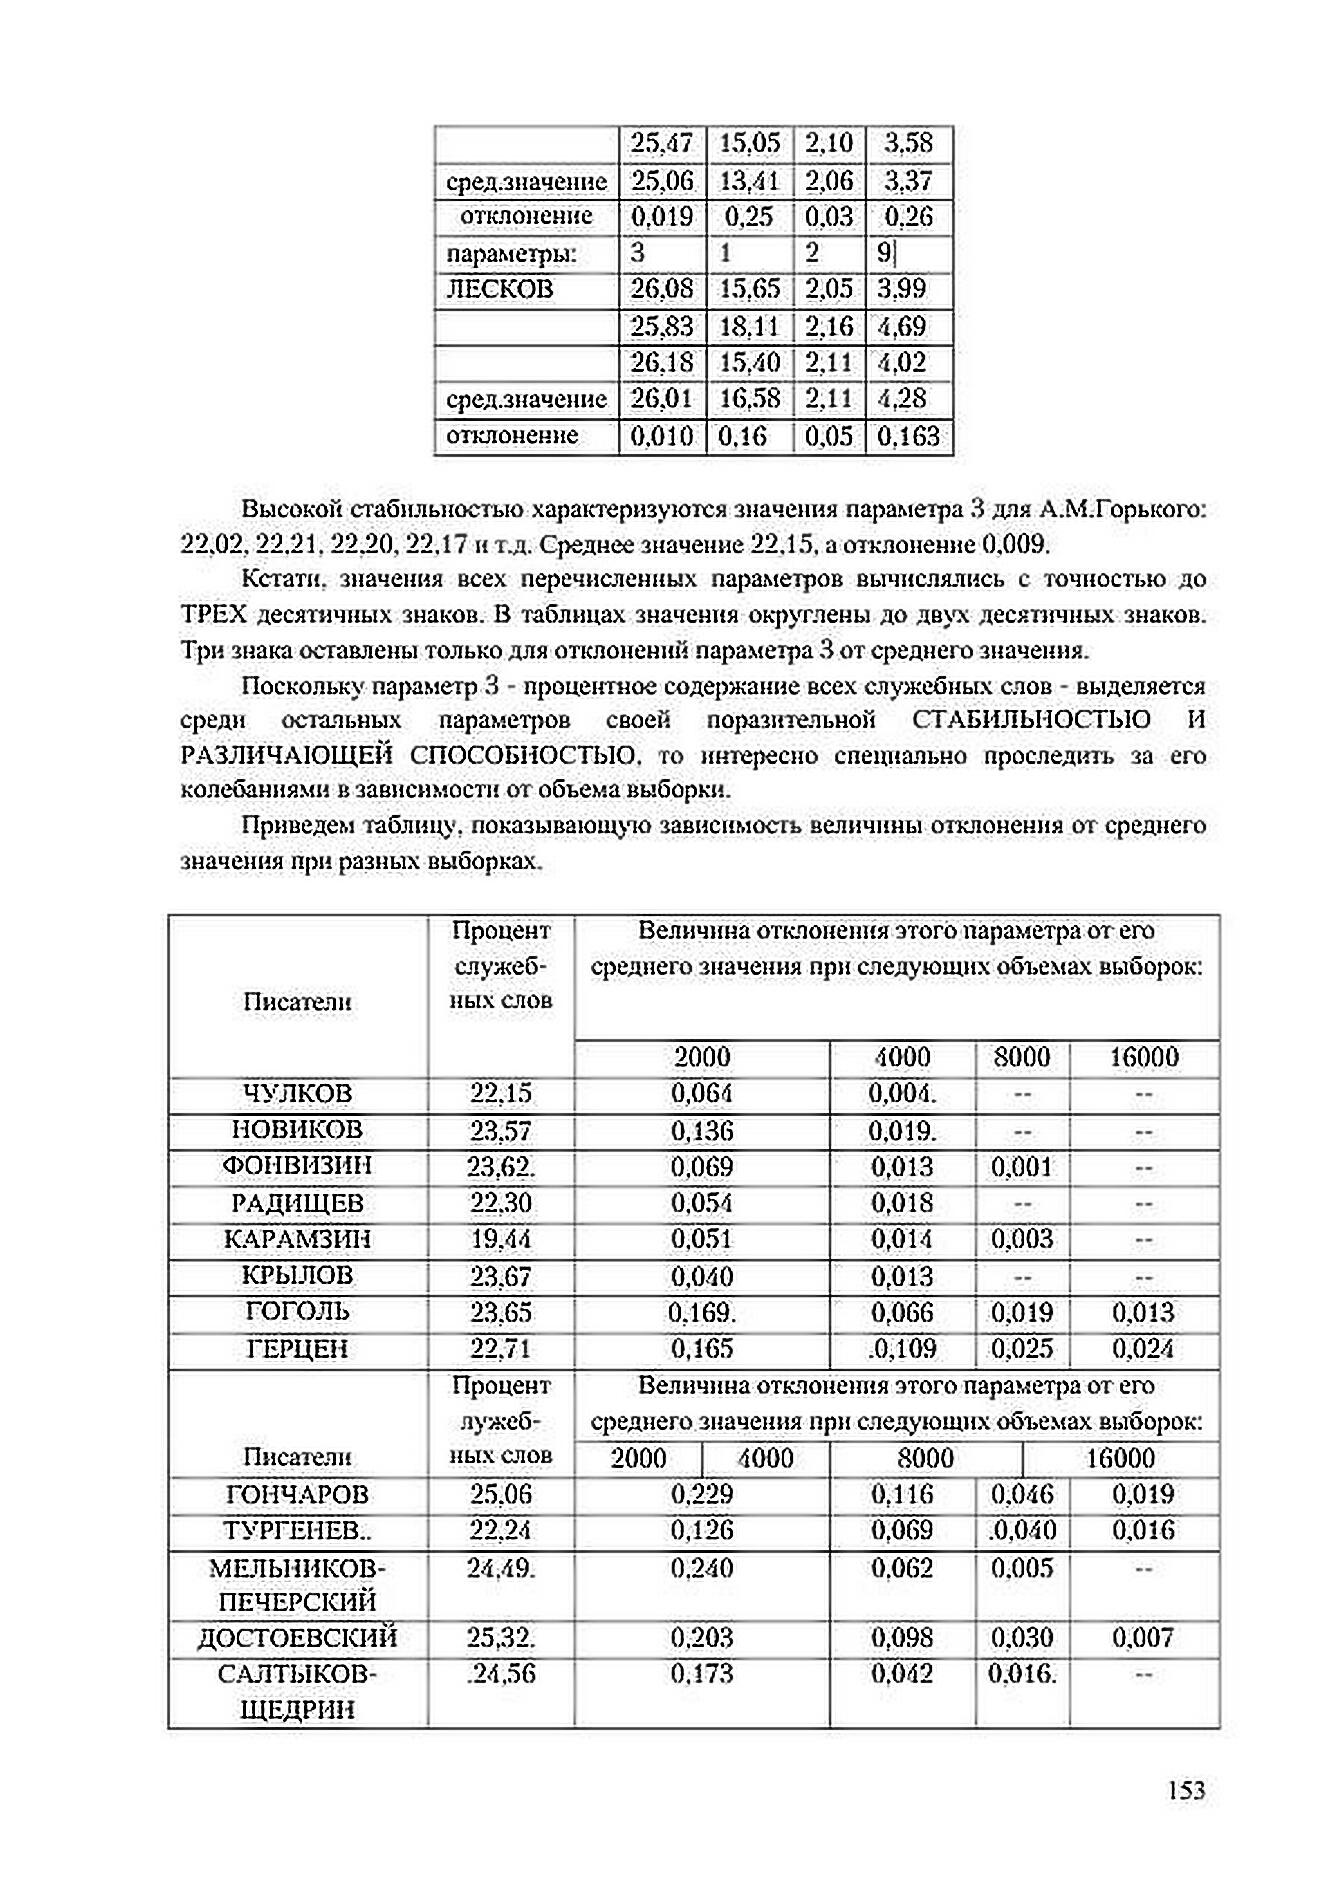 http://s2.uploads.ru/gX4ZN.jpg